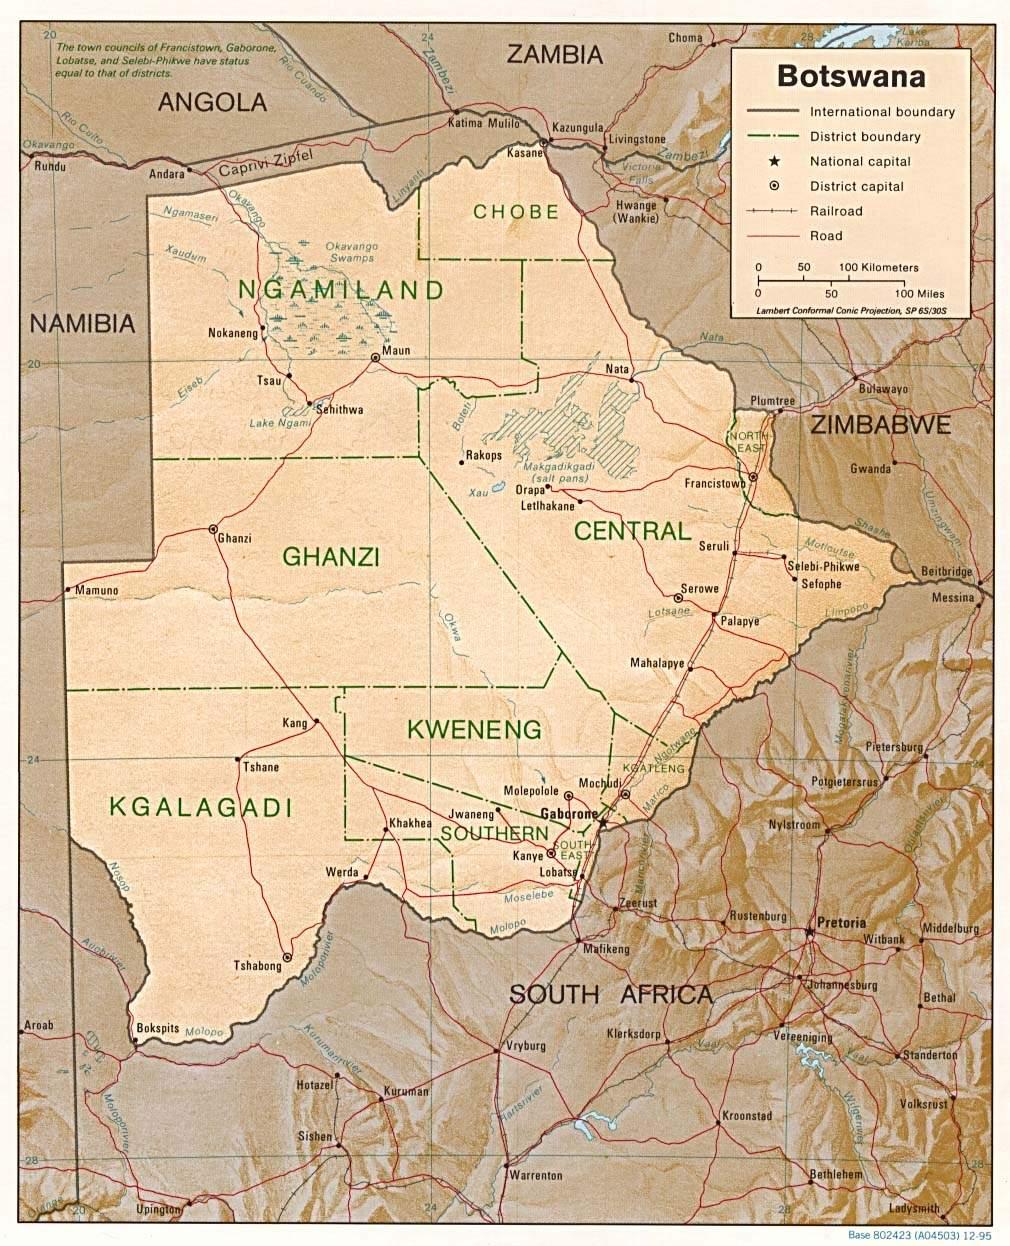 Botswana Map large map